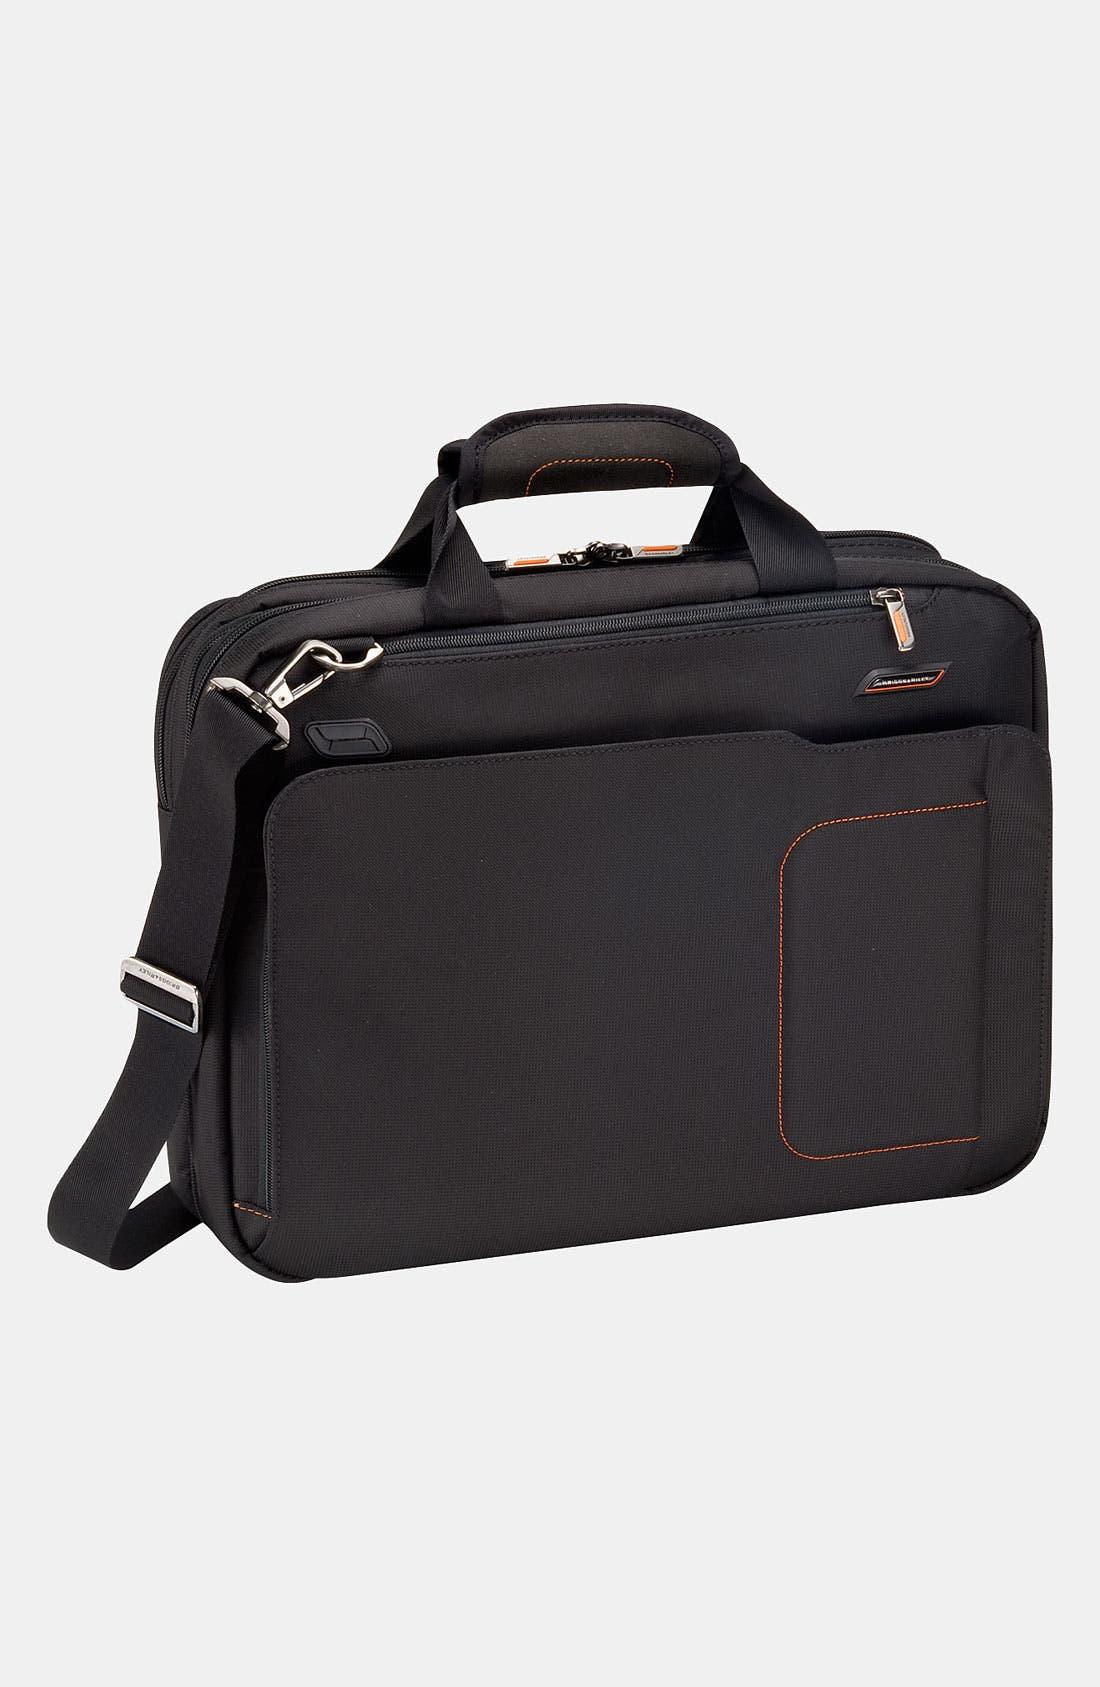 Alternate Image 1 Selected - Briggs & Riley 'Verb - Mach Medium' Briefcase